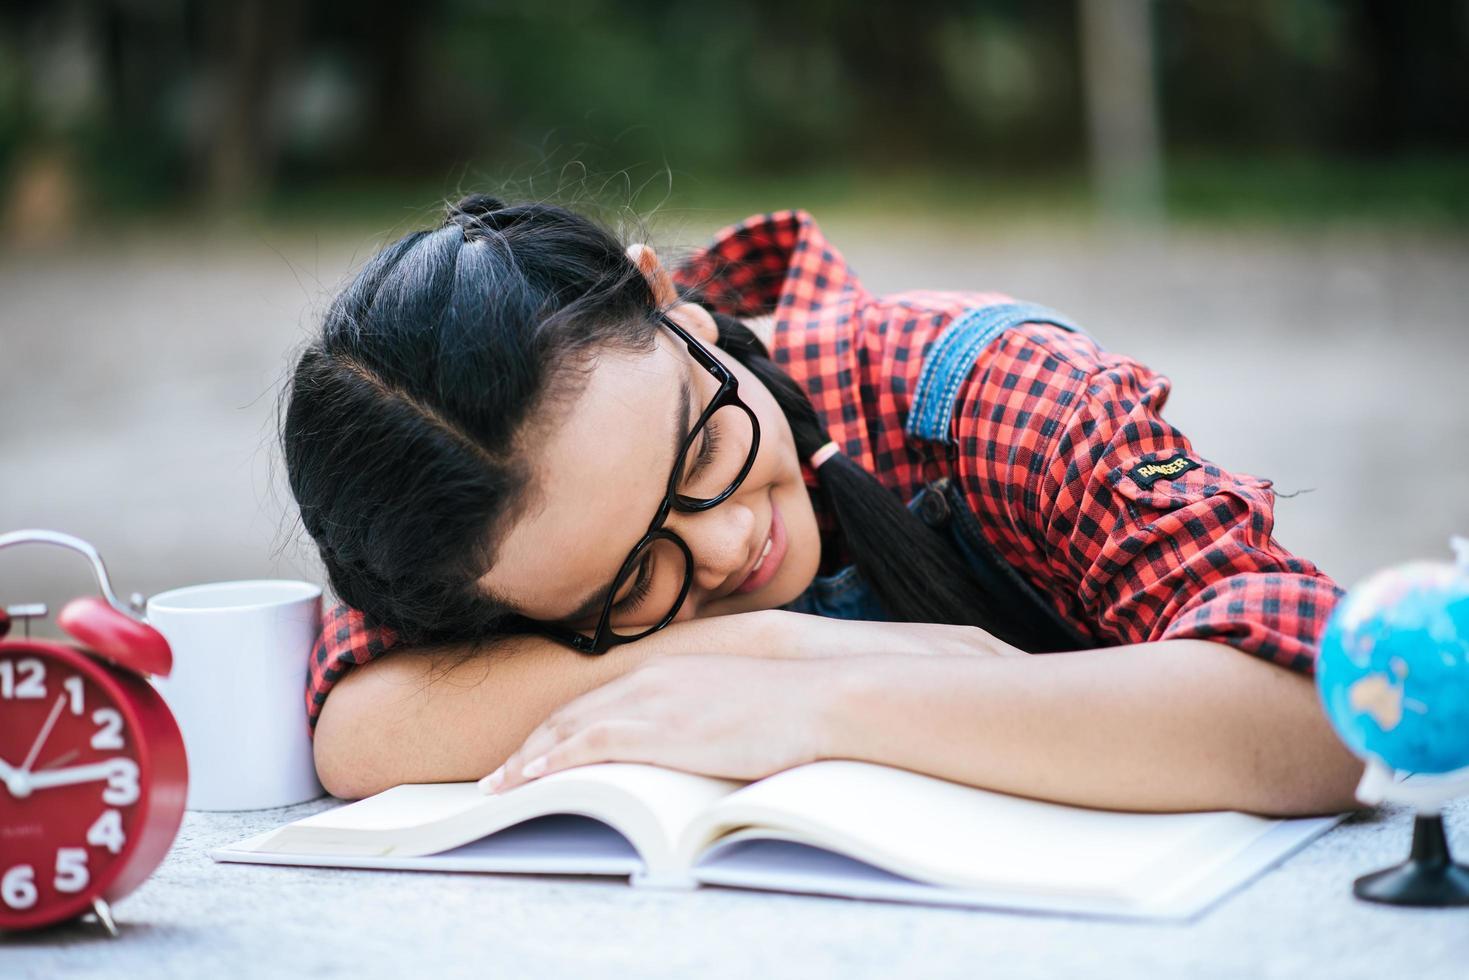 giovane ragazza sdraiata sulla scrivania dopo aver letto un libro all'esterno foto